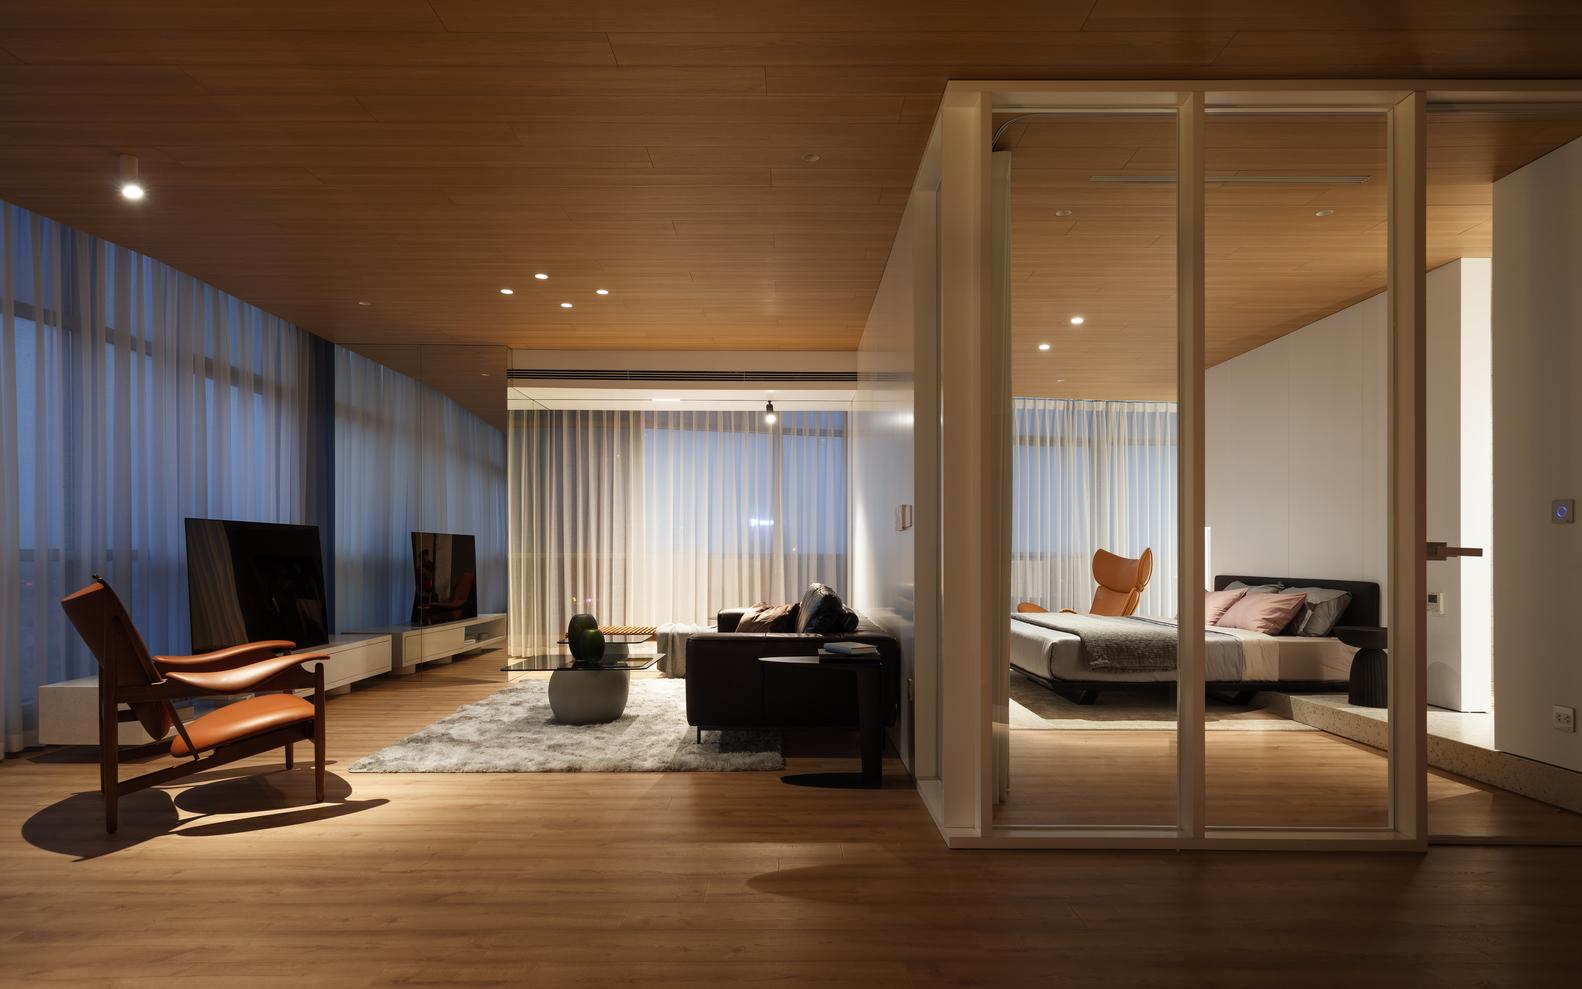 hình ảnh toàn cảnh phòng khách rộng rãi, phòng ngủ sử dụng vách ngăn kính